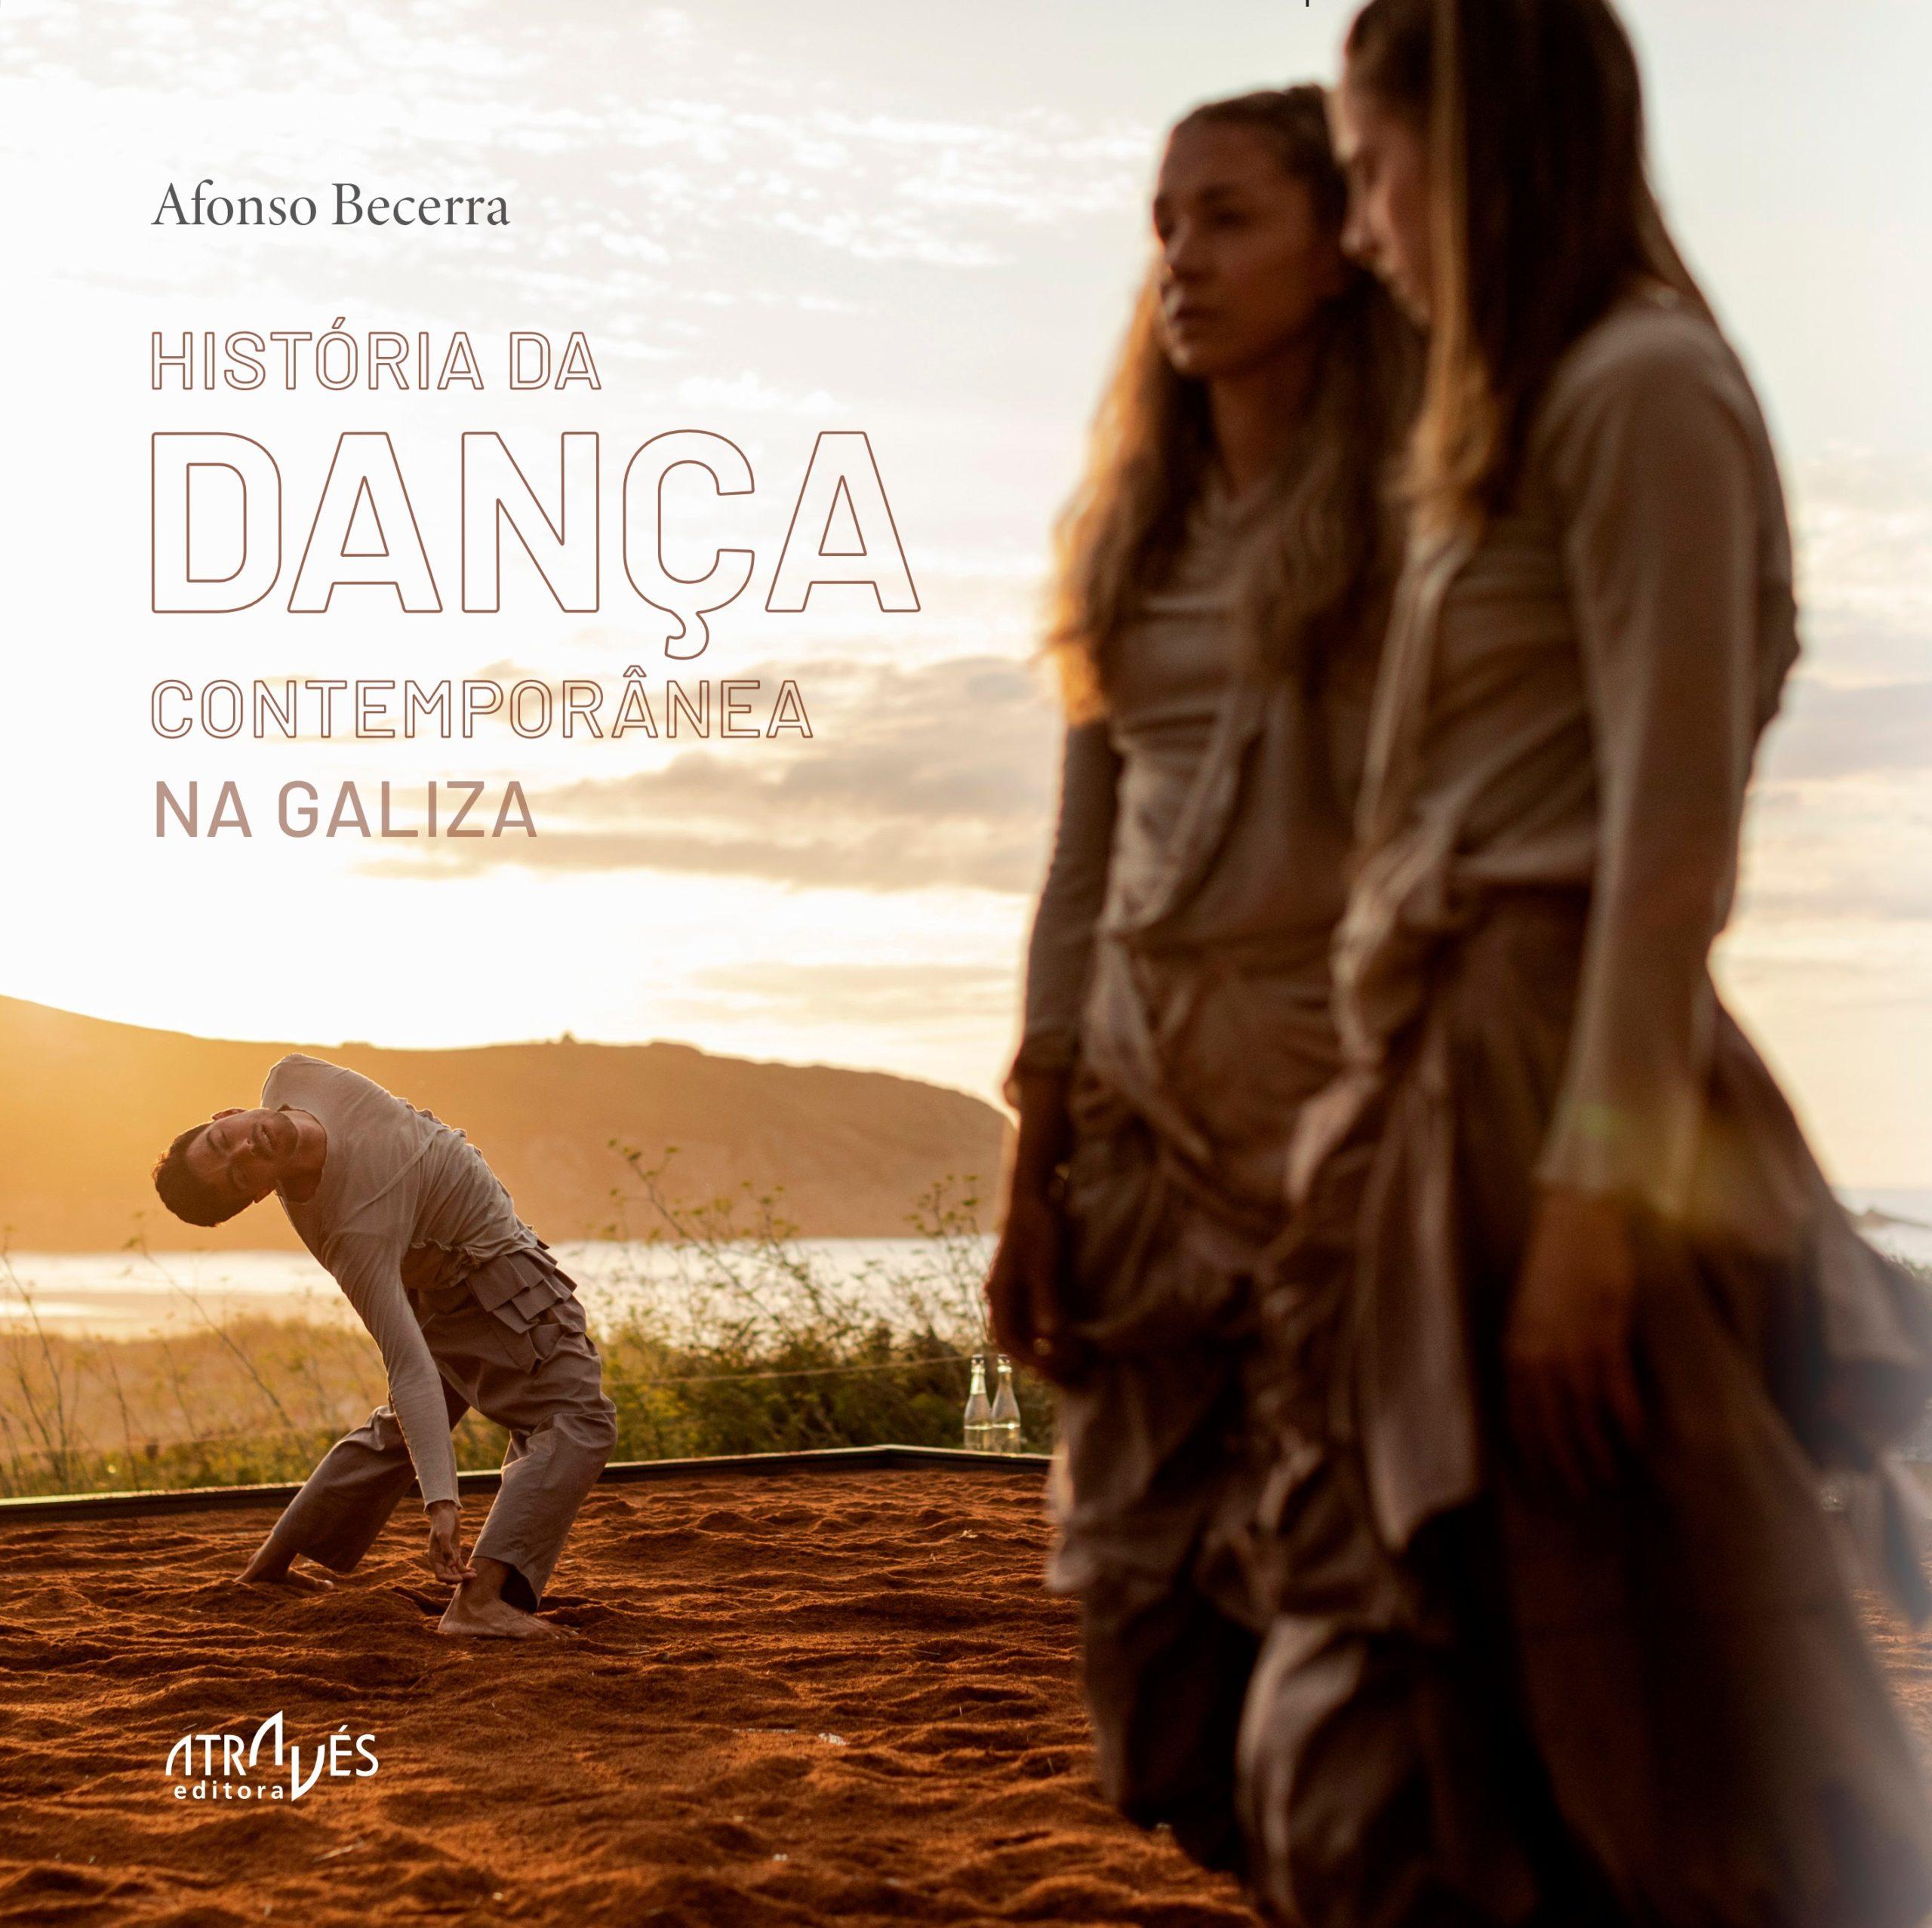 História da dança contemporânea da Galiza Afonso Becerra